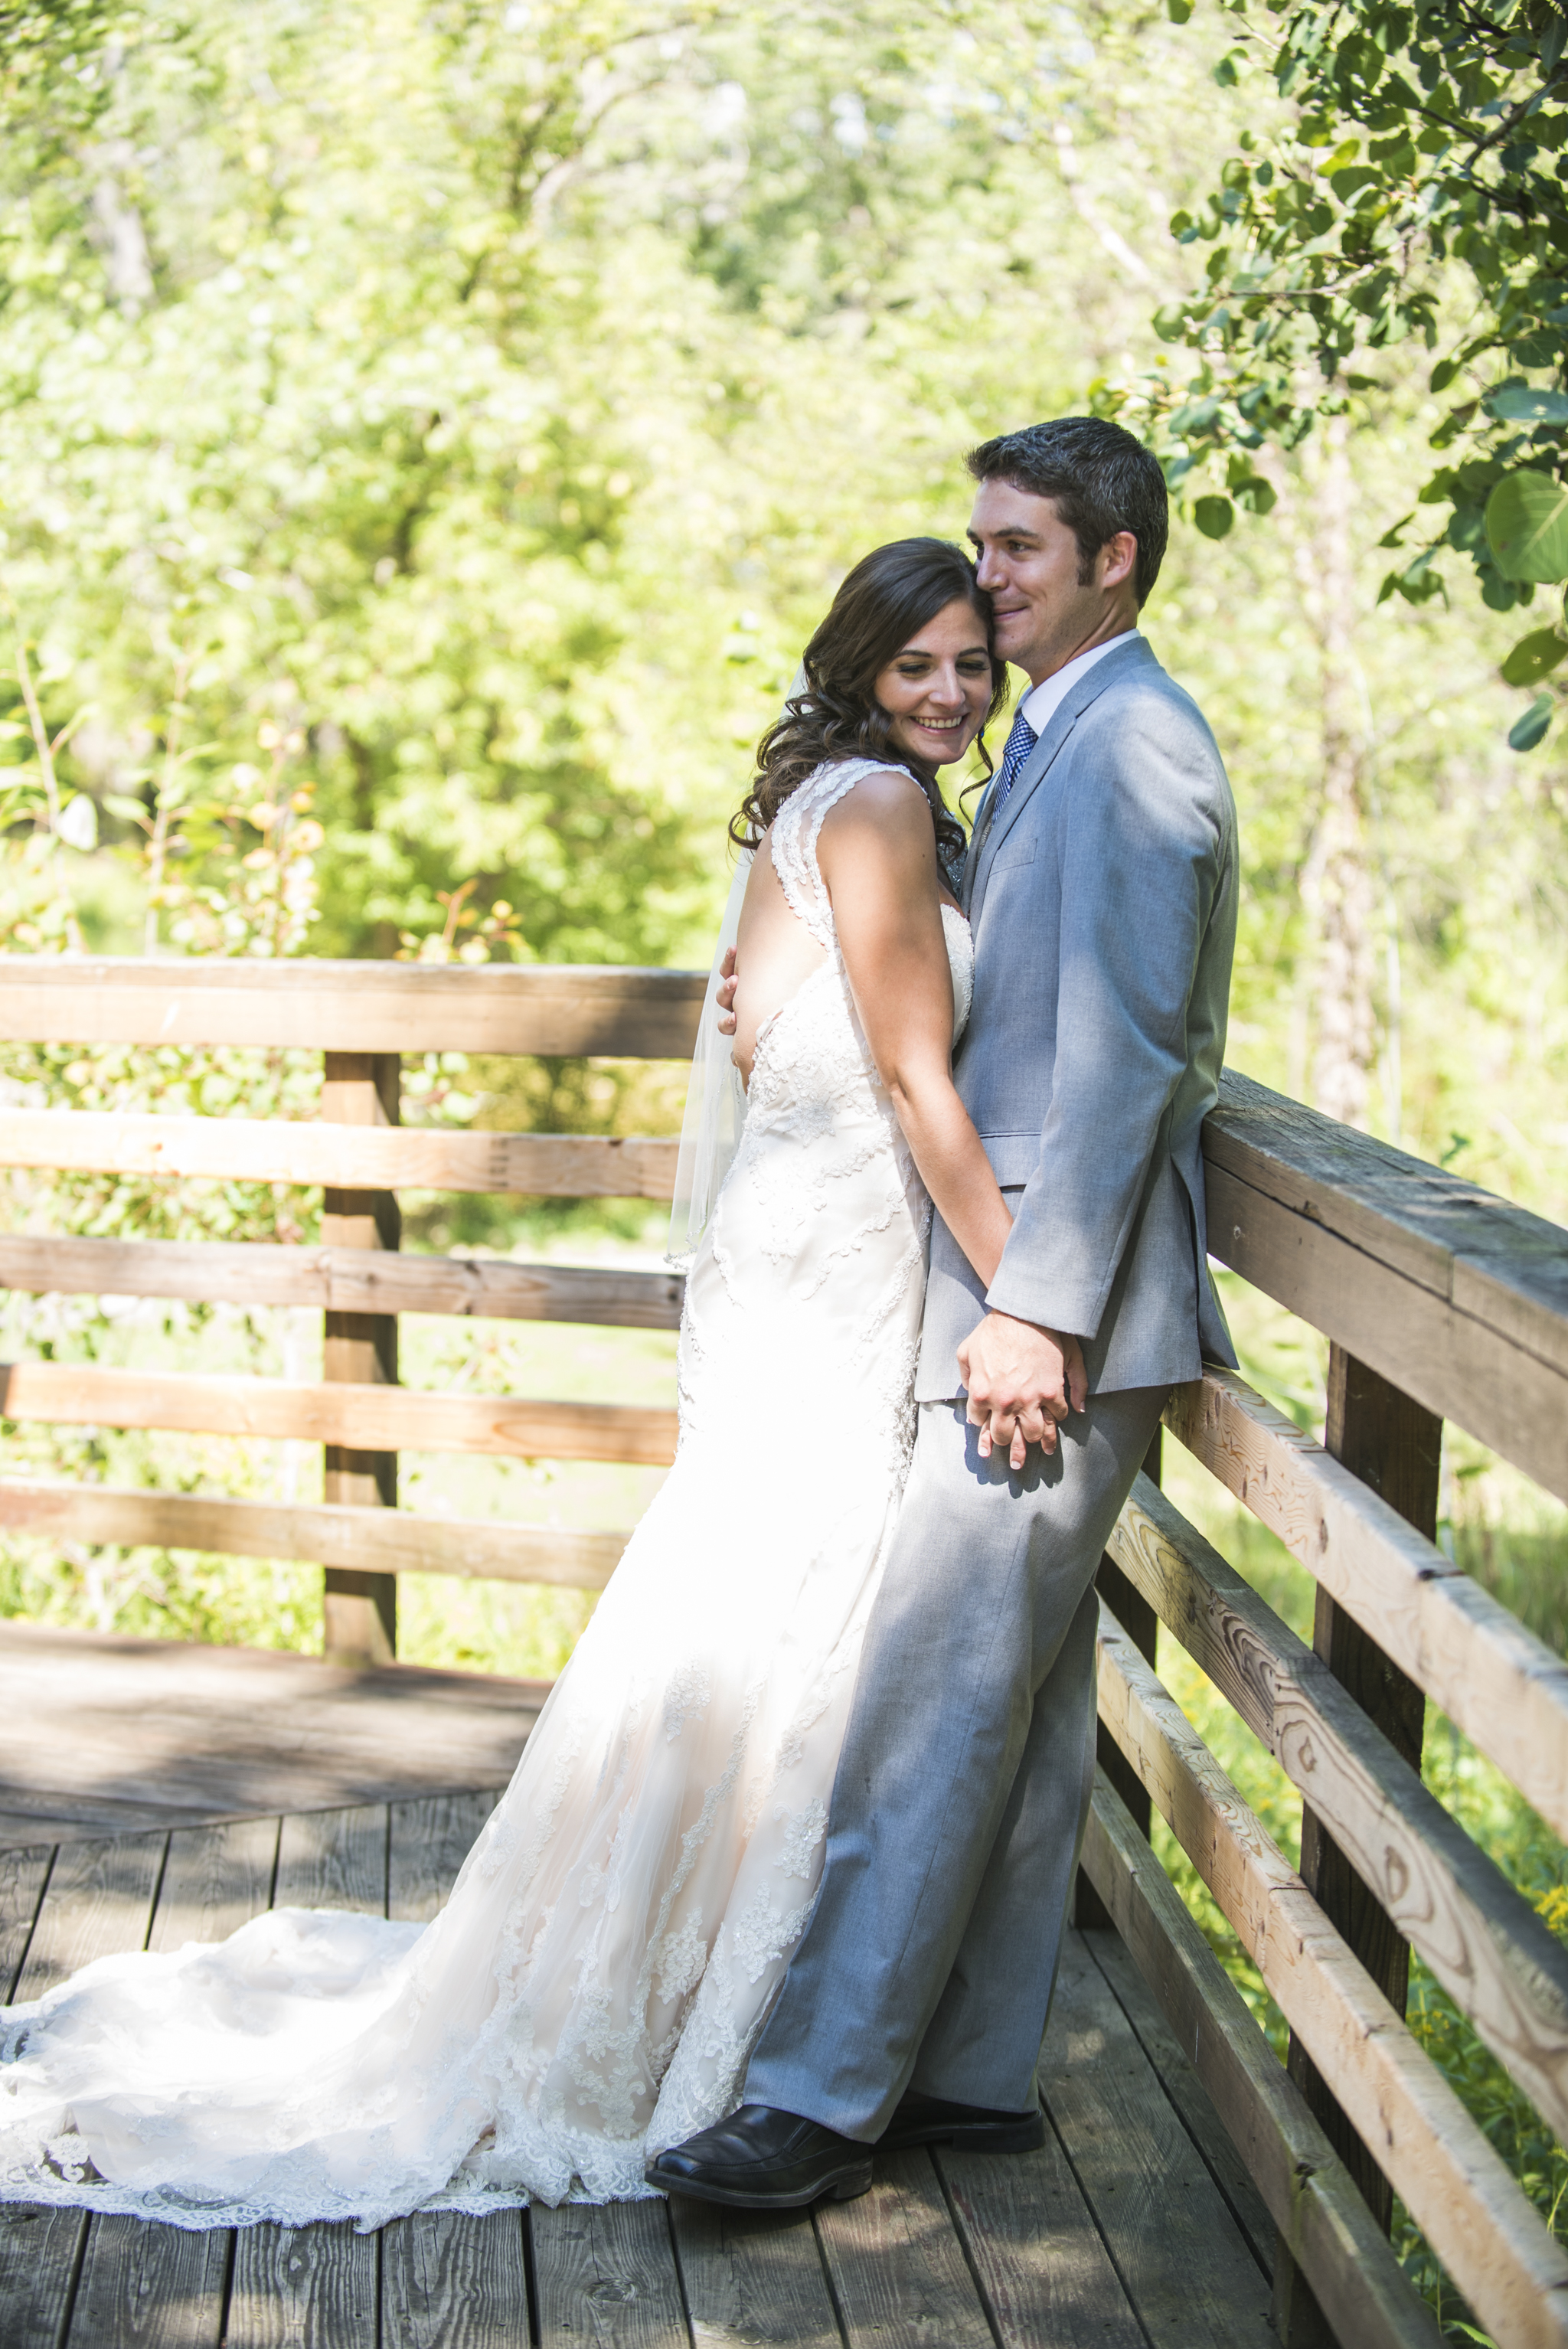 HeatherMike-Wedding-Online-FirstLook-33.jpg